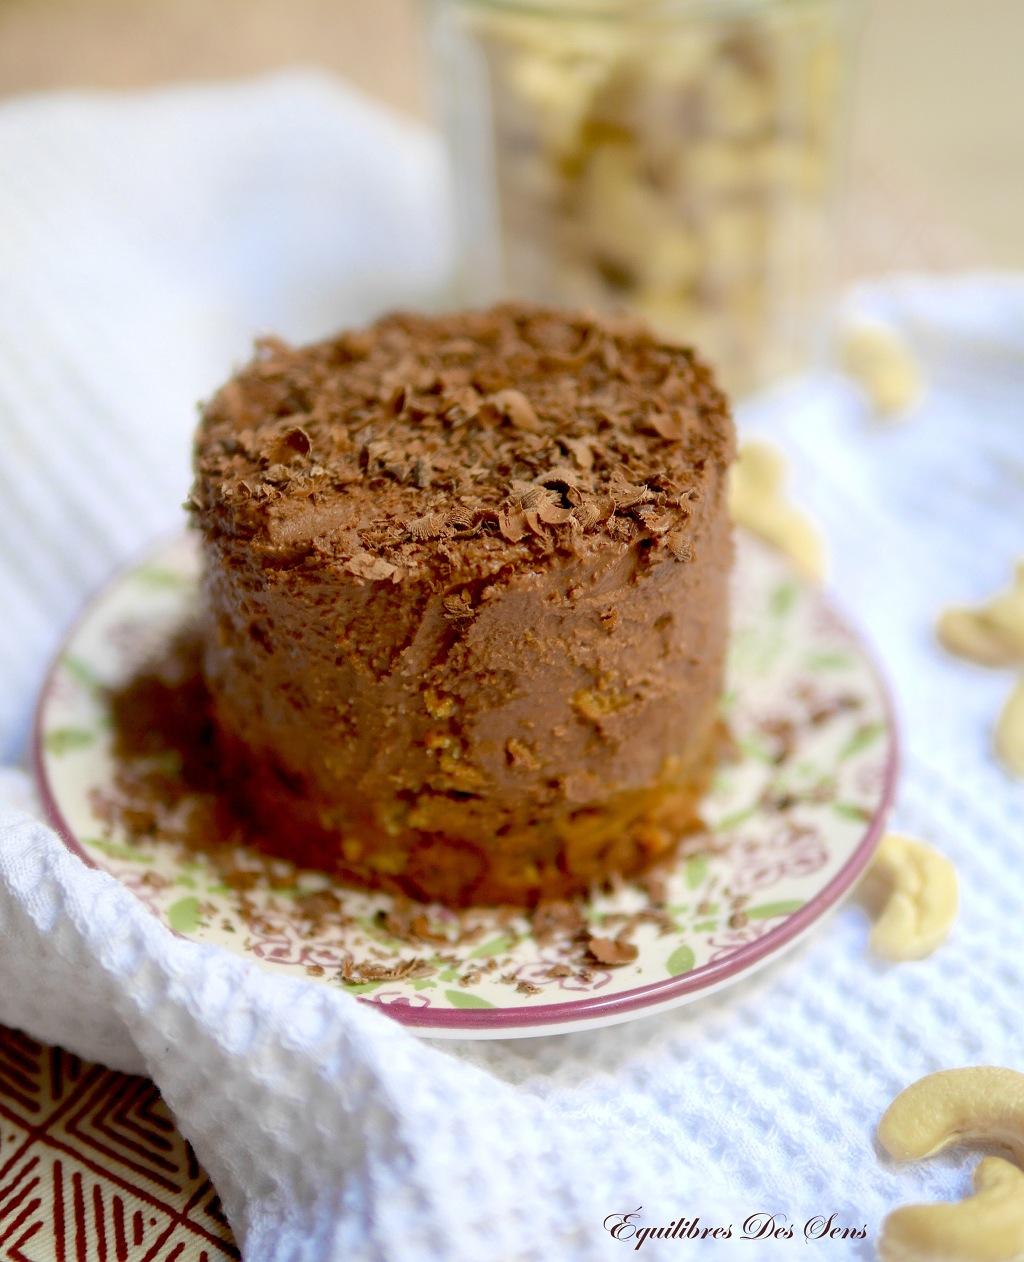 Cheesecake chocolat-speculoos vegan et sans gluten pour un dessert sain & gourmand !